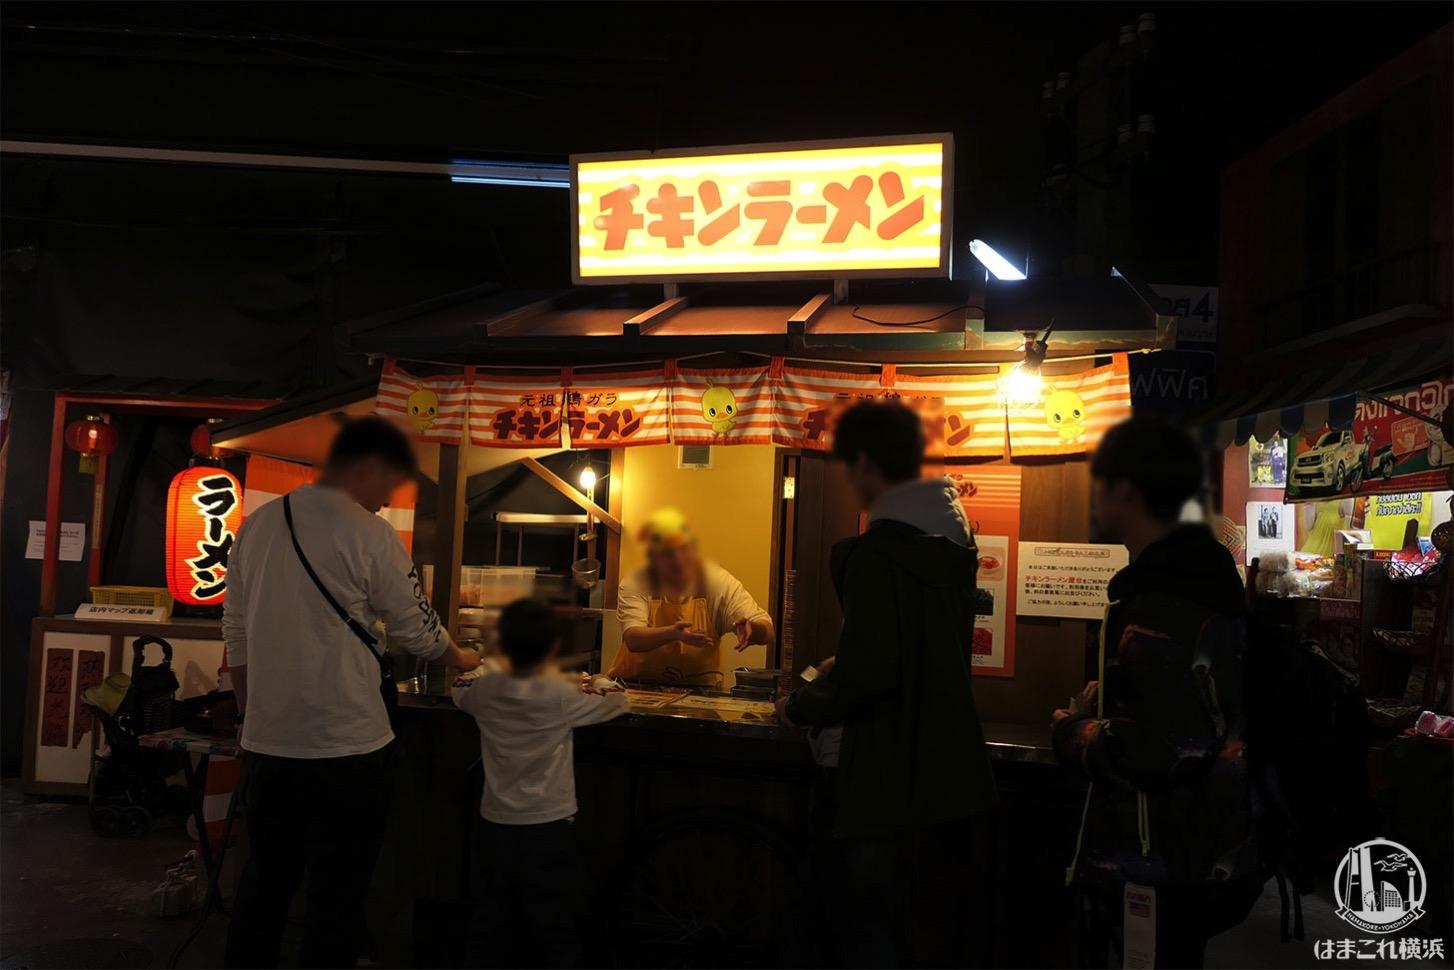 ヌードルバザール ワールド麺ロード